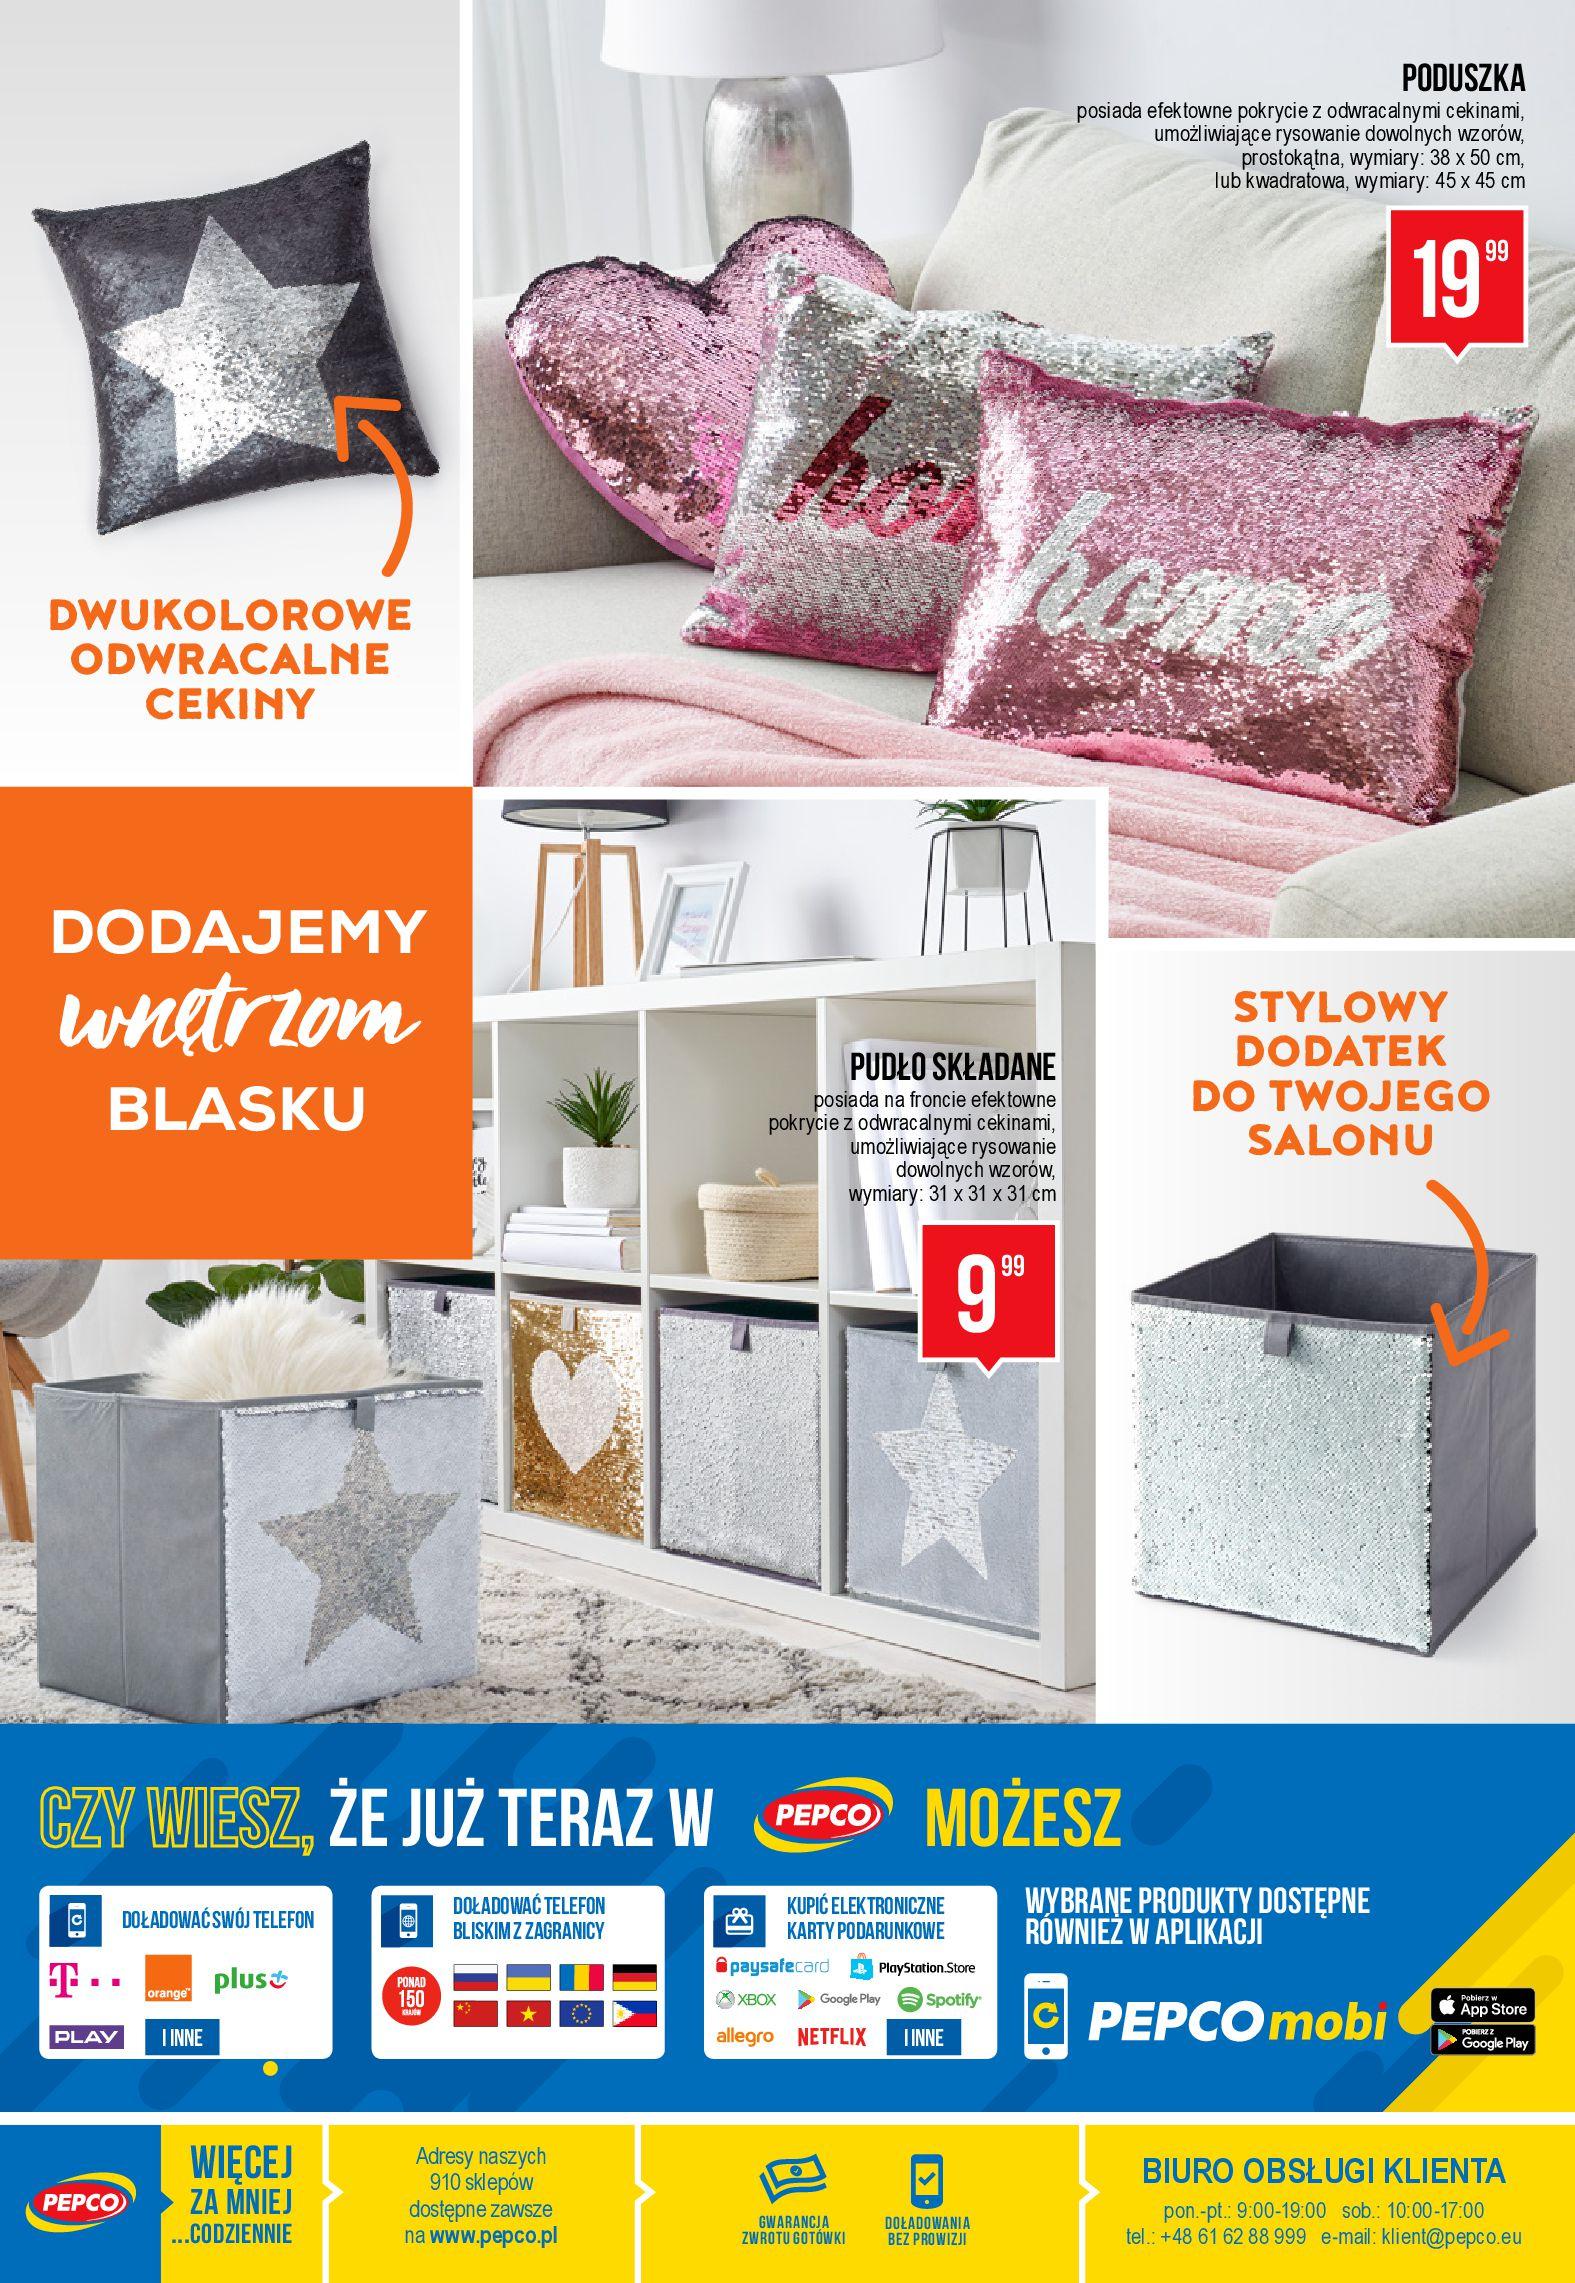 Gazetka Pepco - Jesień w dobrym stylu-11.09.2019-25.09.2019-page-8